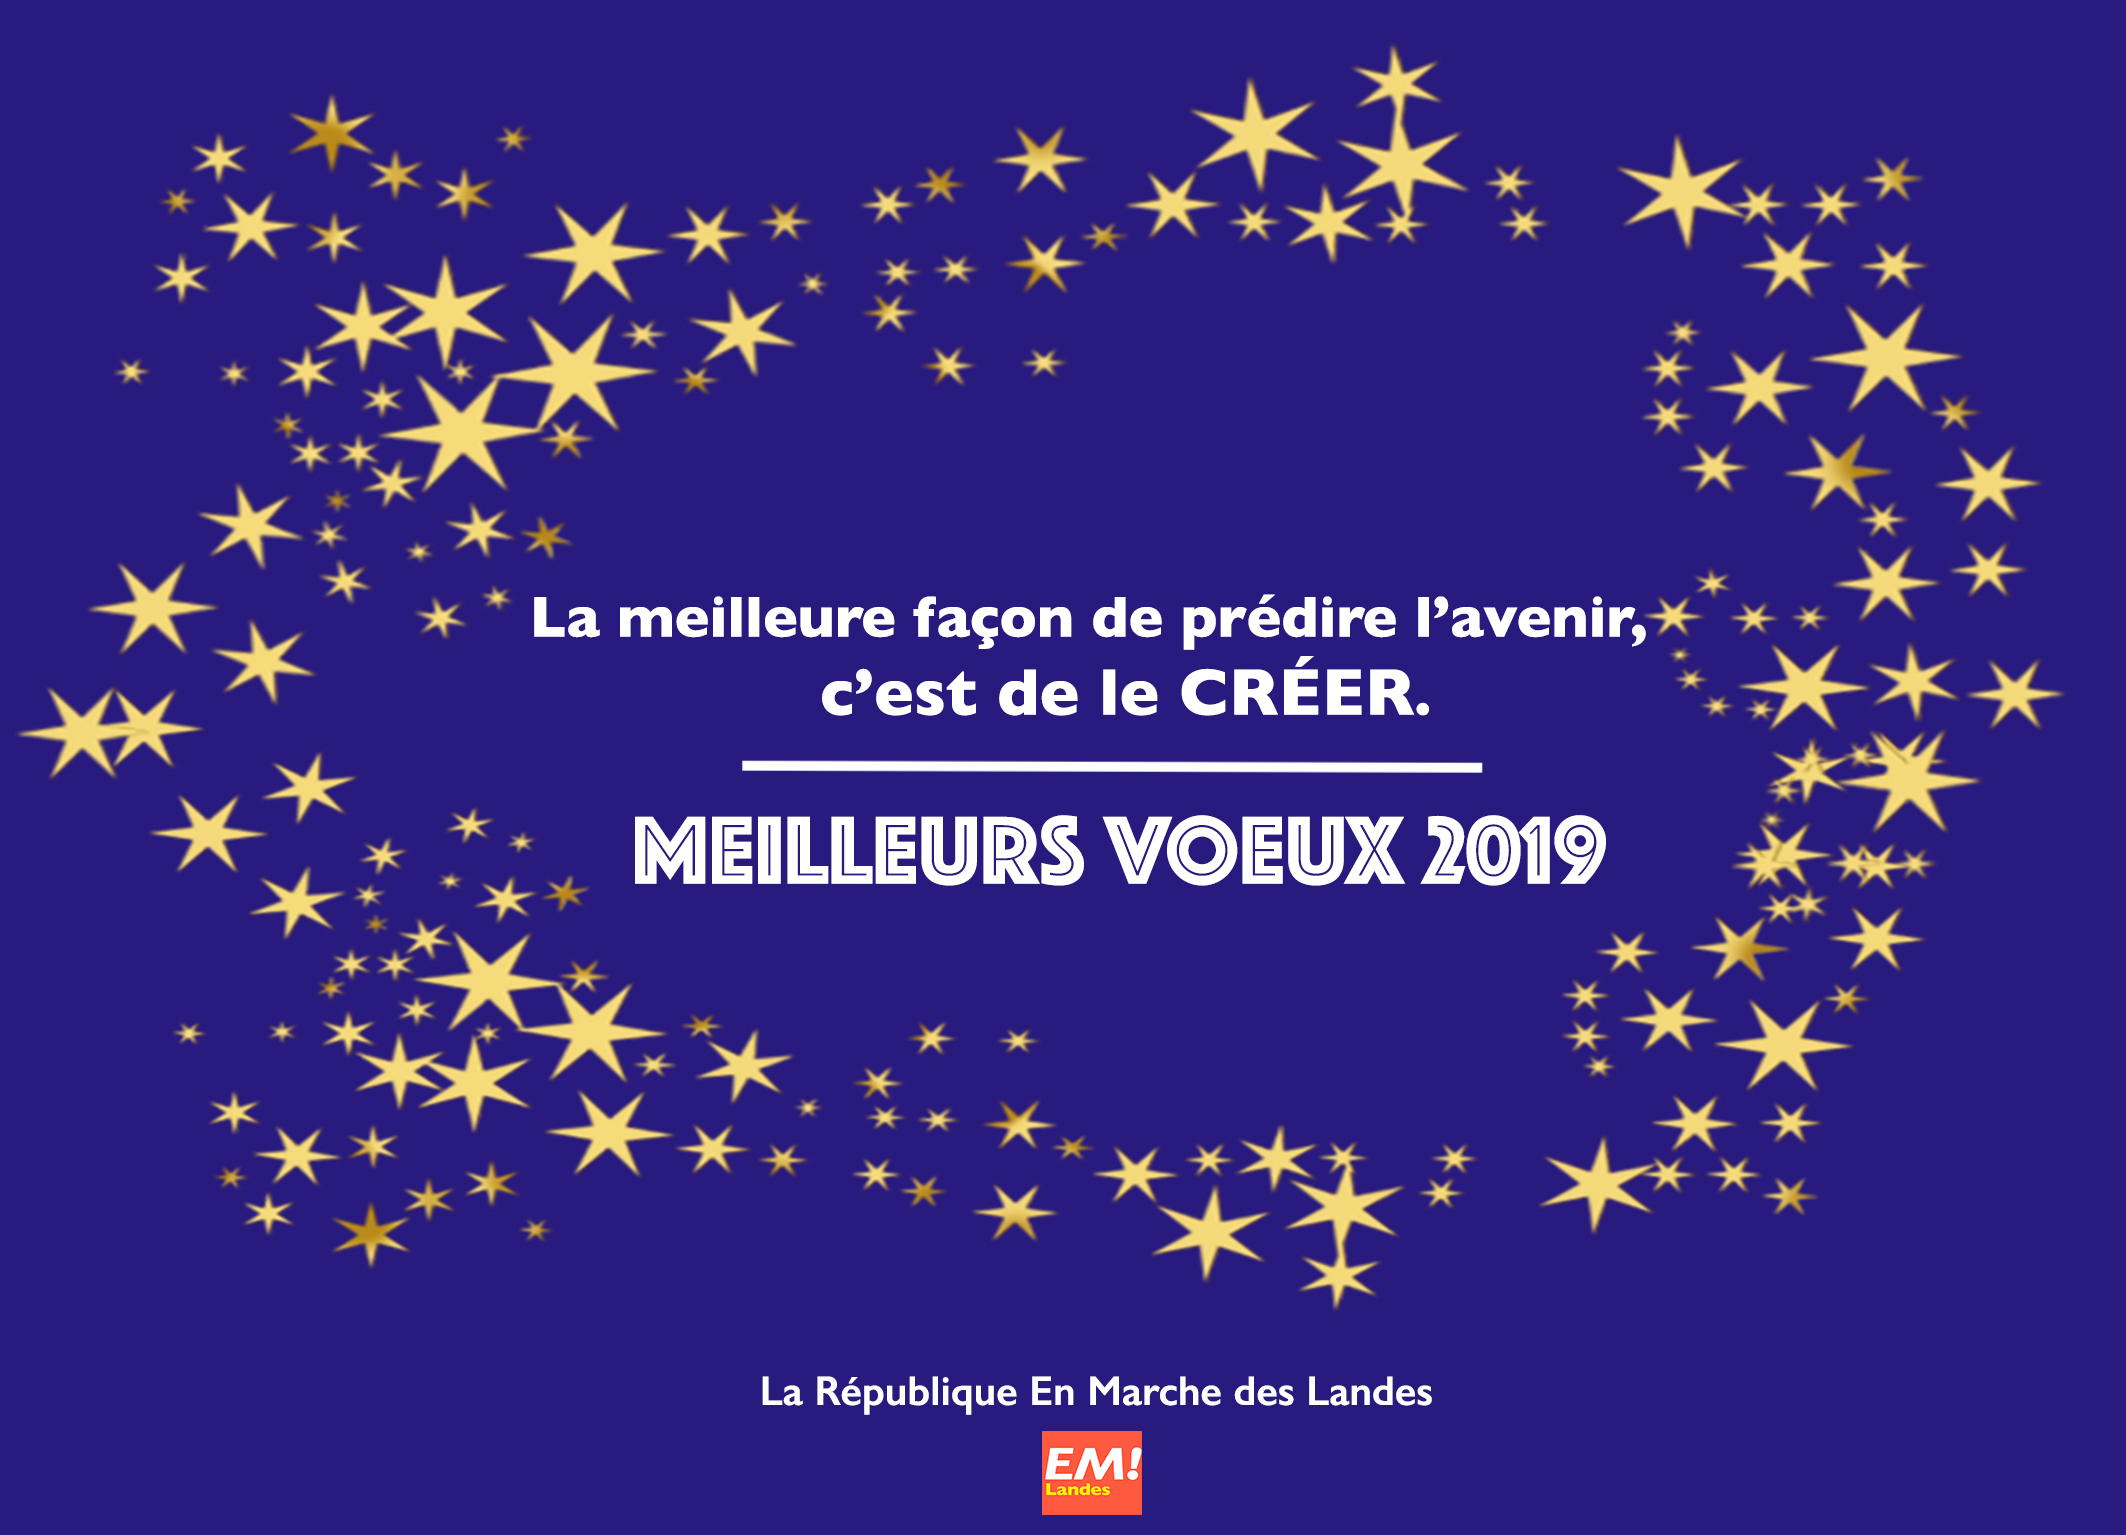 Voeux 2019- La République En Marche Landes